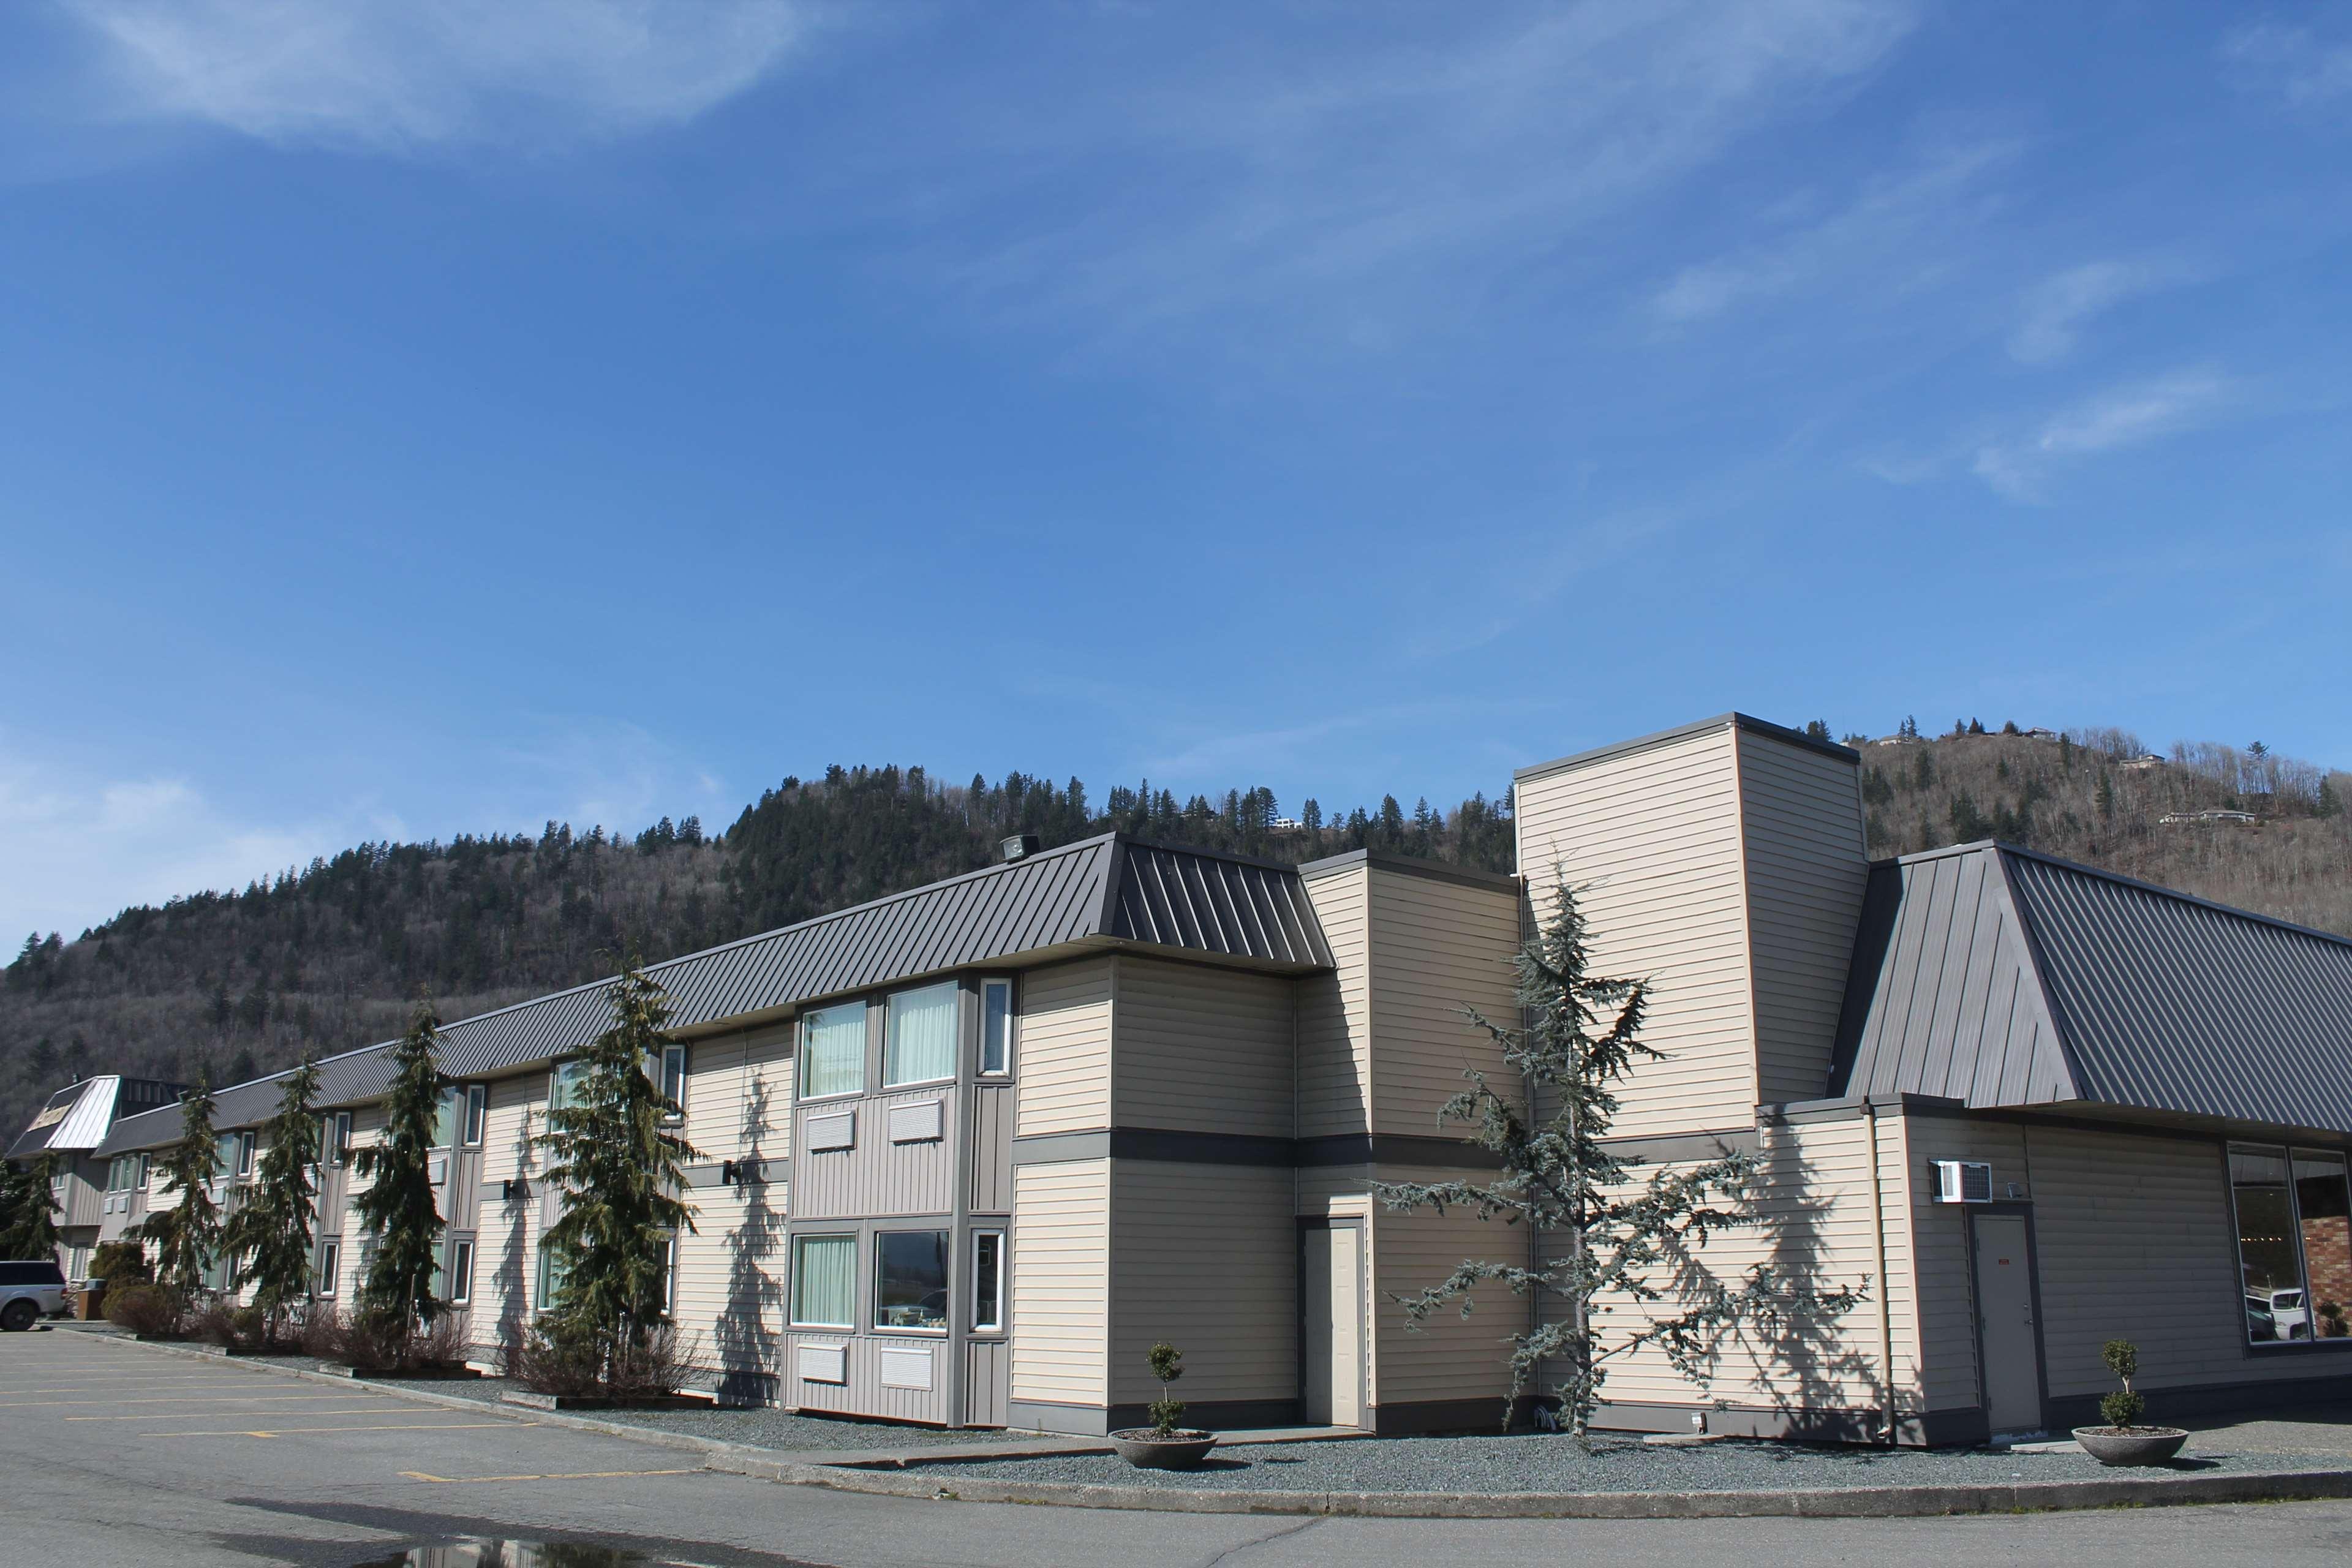 SureStay Hotel by Best Western Chilliwack in Chilliwack: Exterior